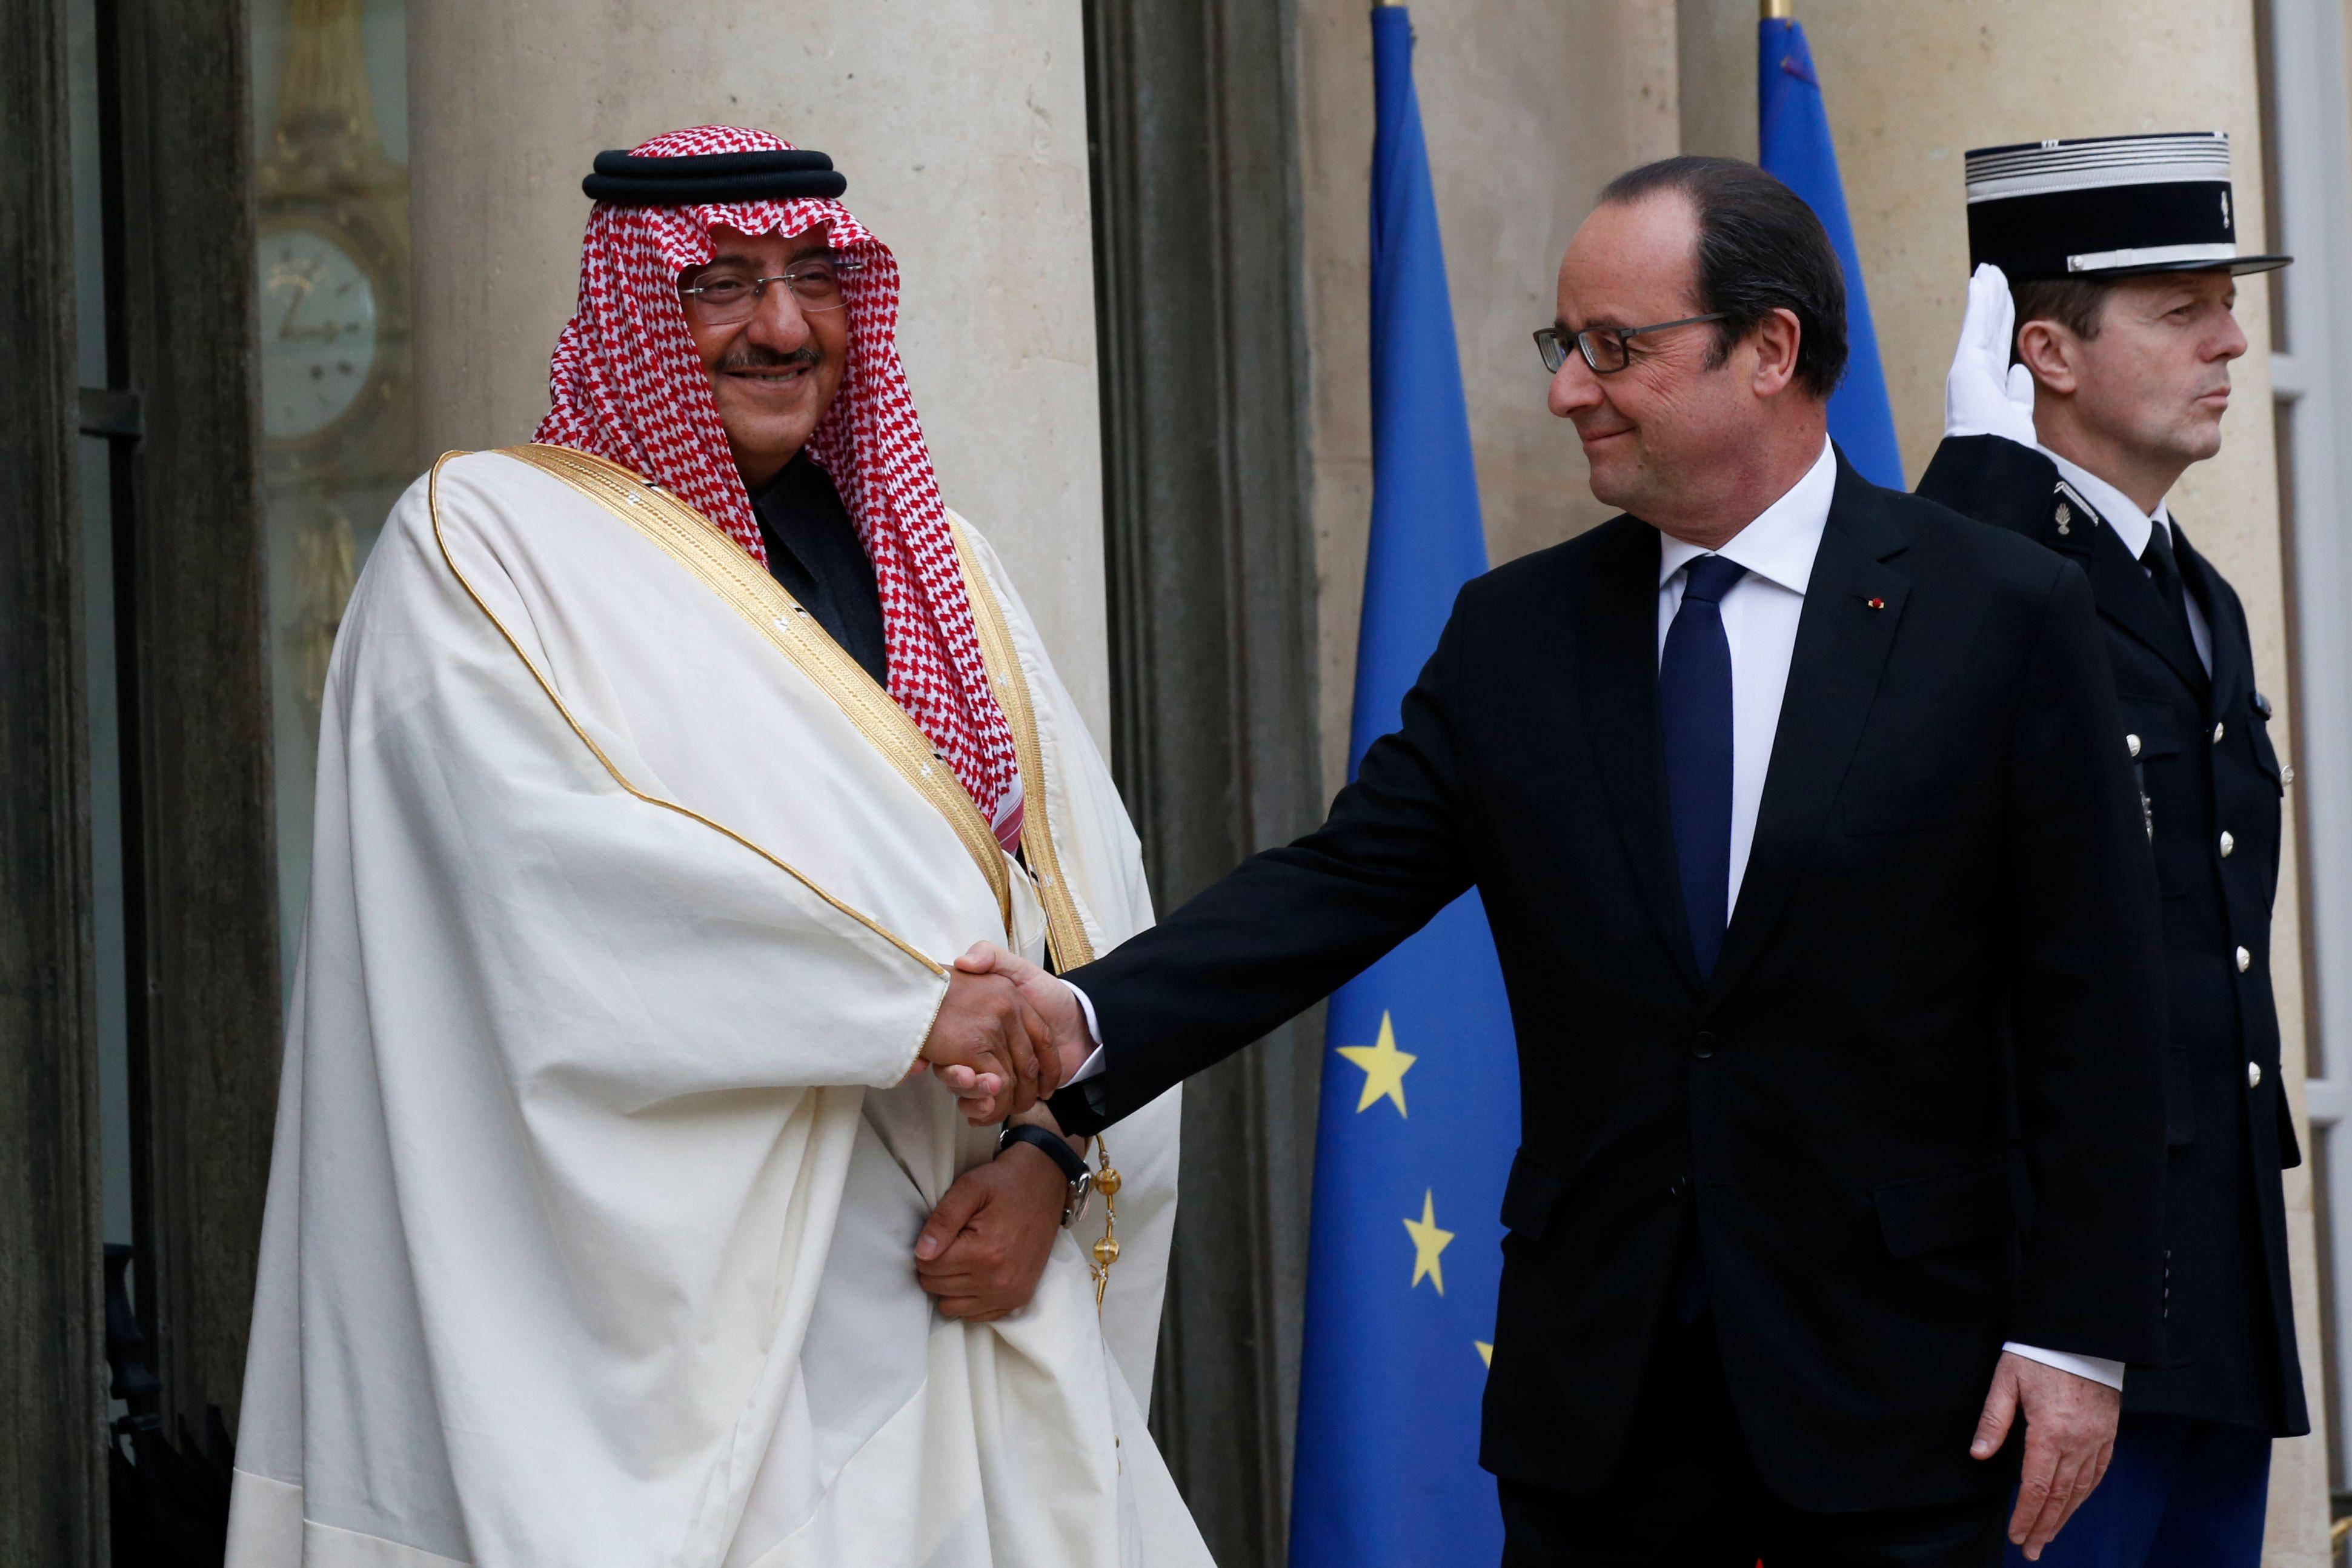 L'Arabie saoudite veut entrer à l'Organisation internationale de la francophonie